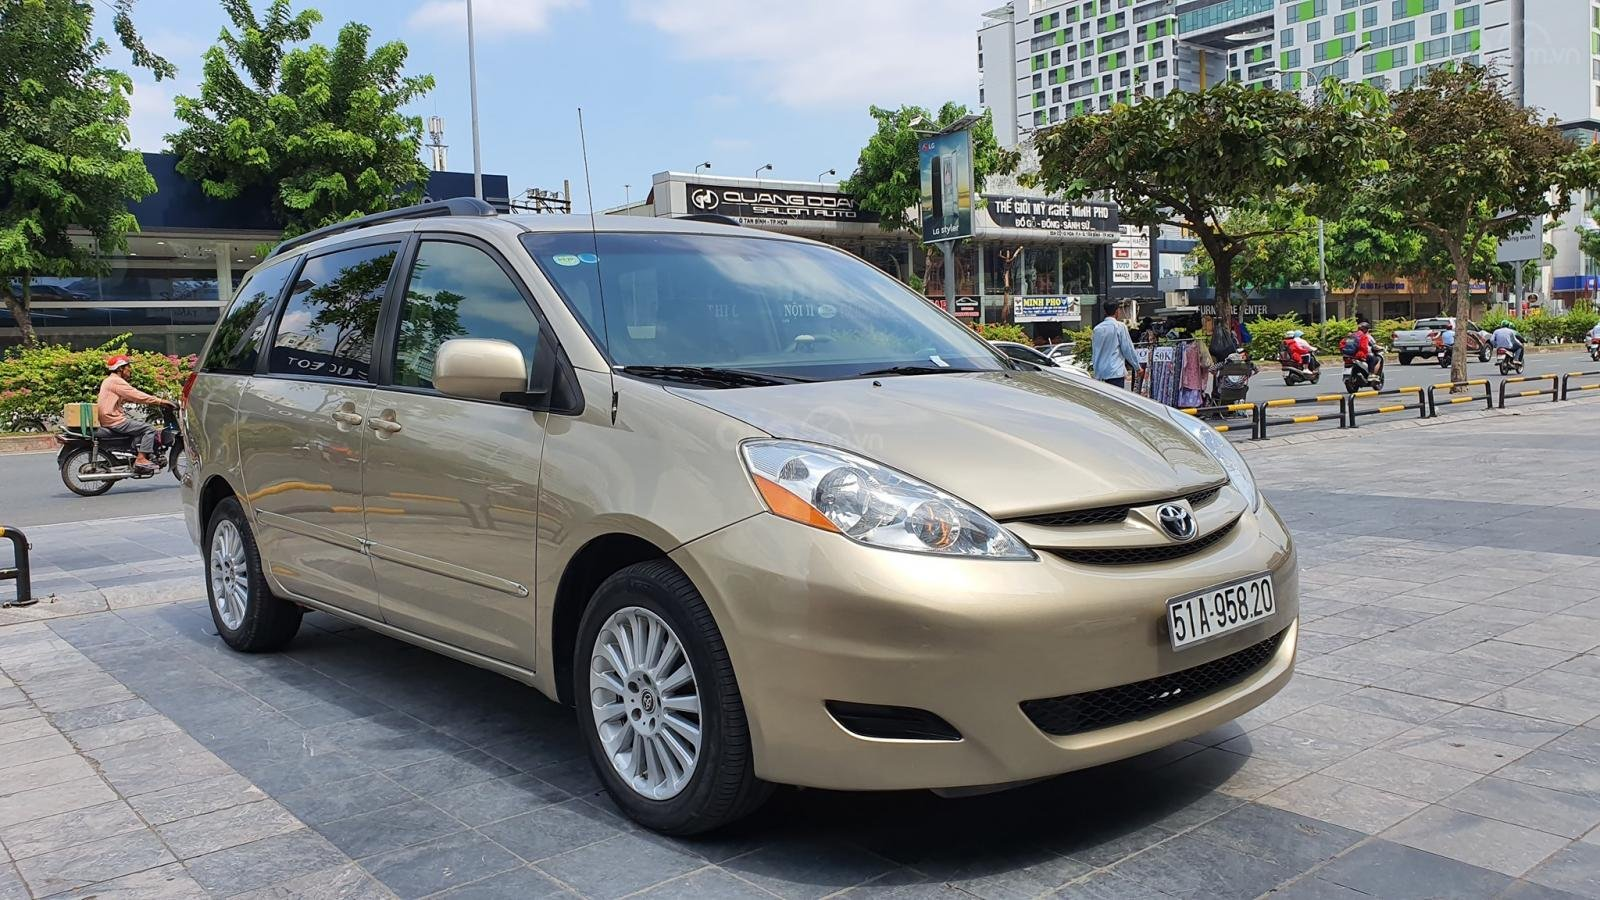 Cần bán xe Toyota Sienna LE 3.5 sản xuất 2008 màu vàng, nhập khẩu (3)